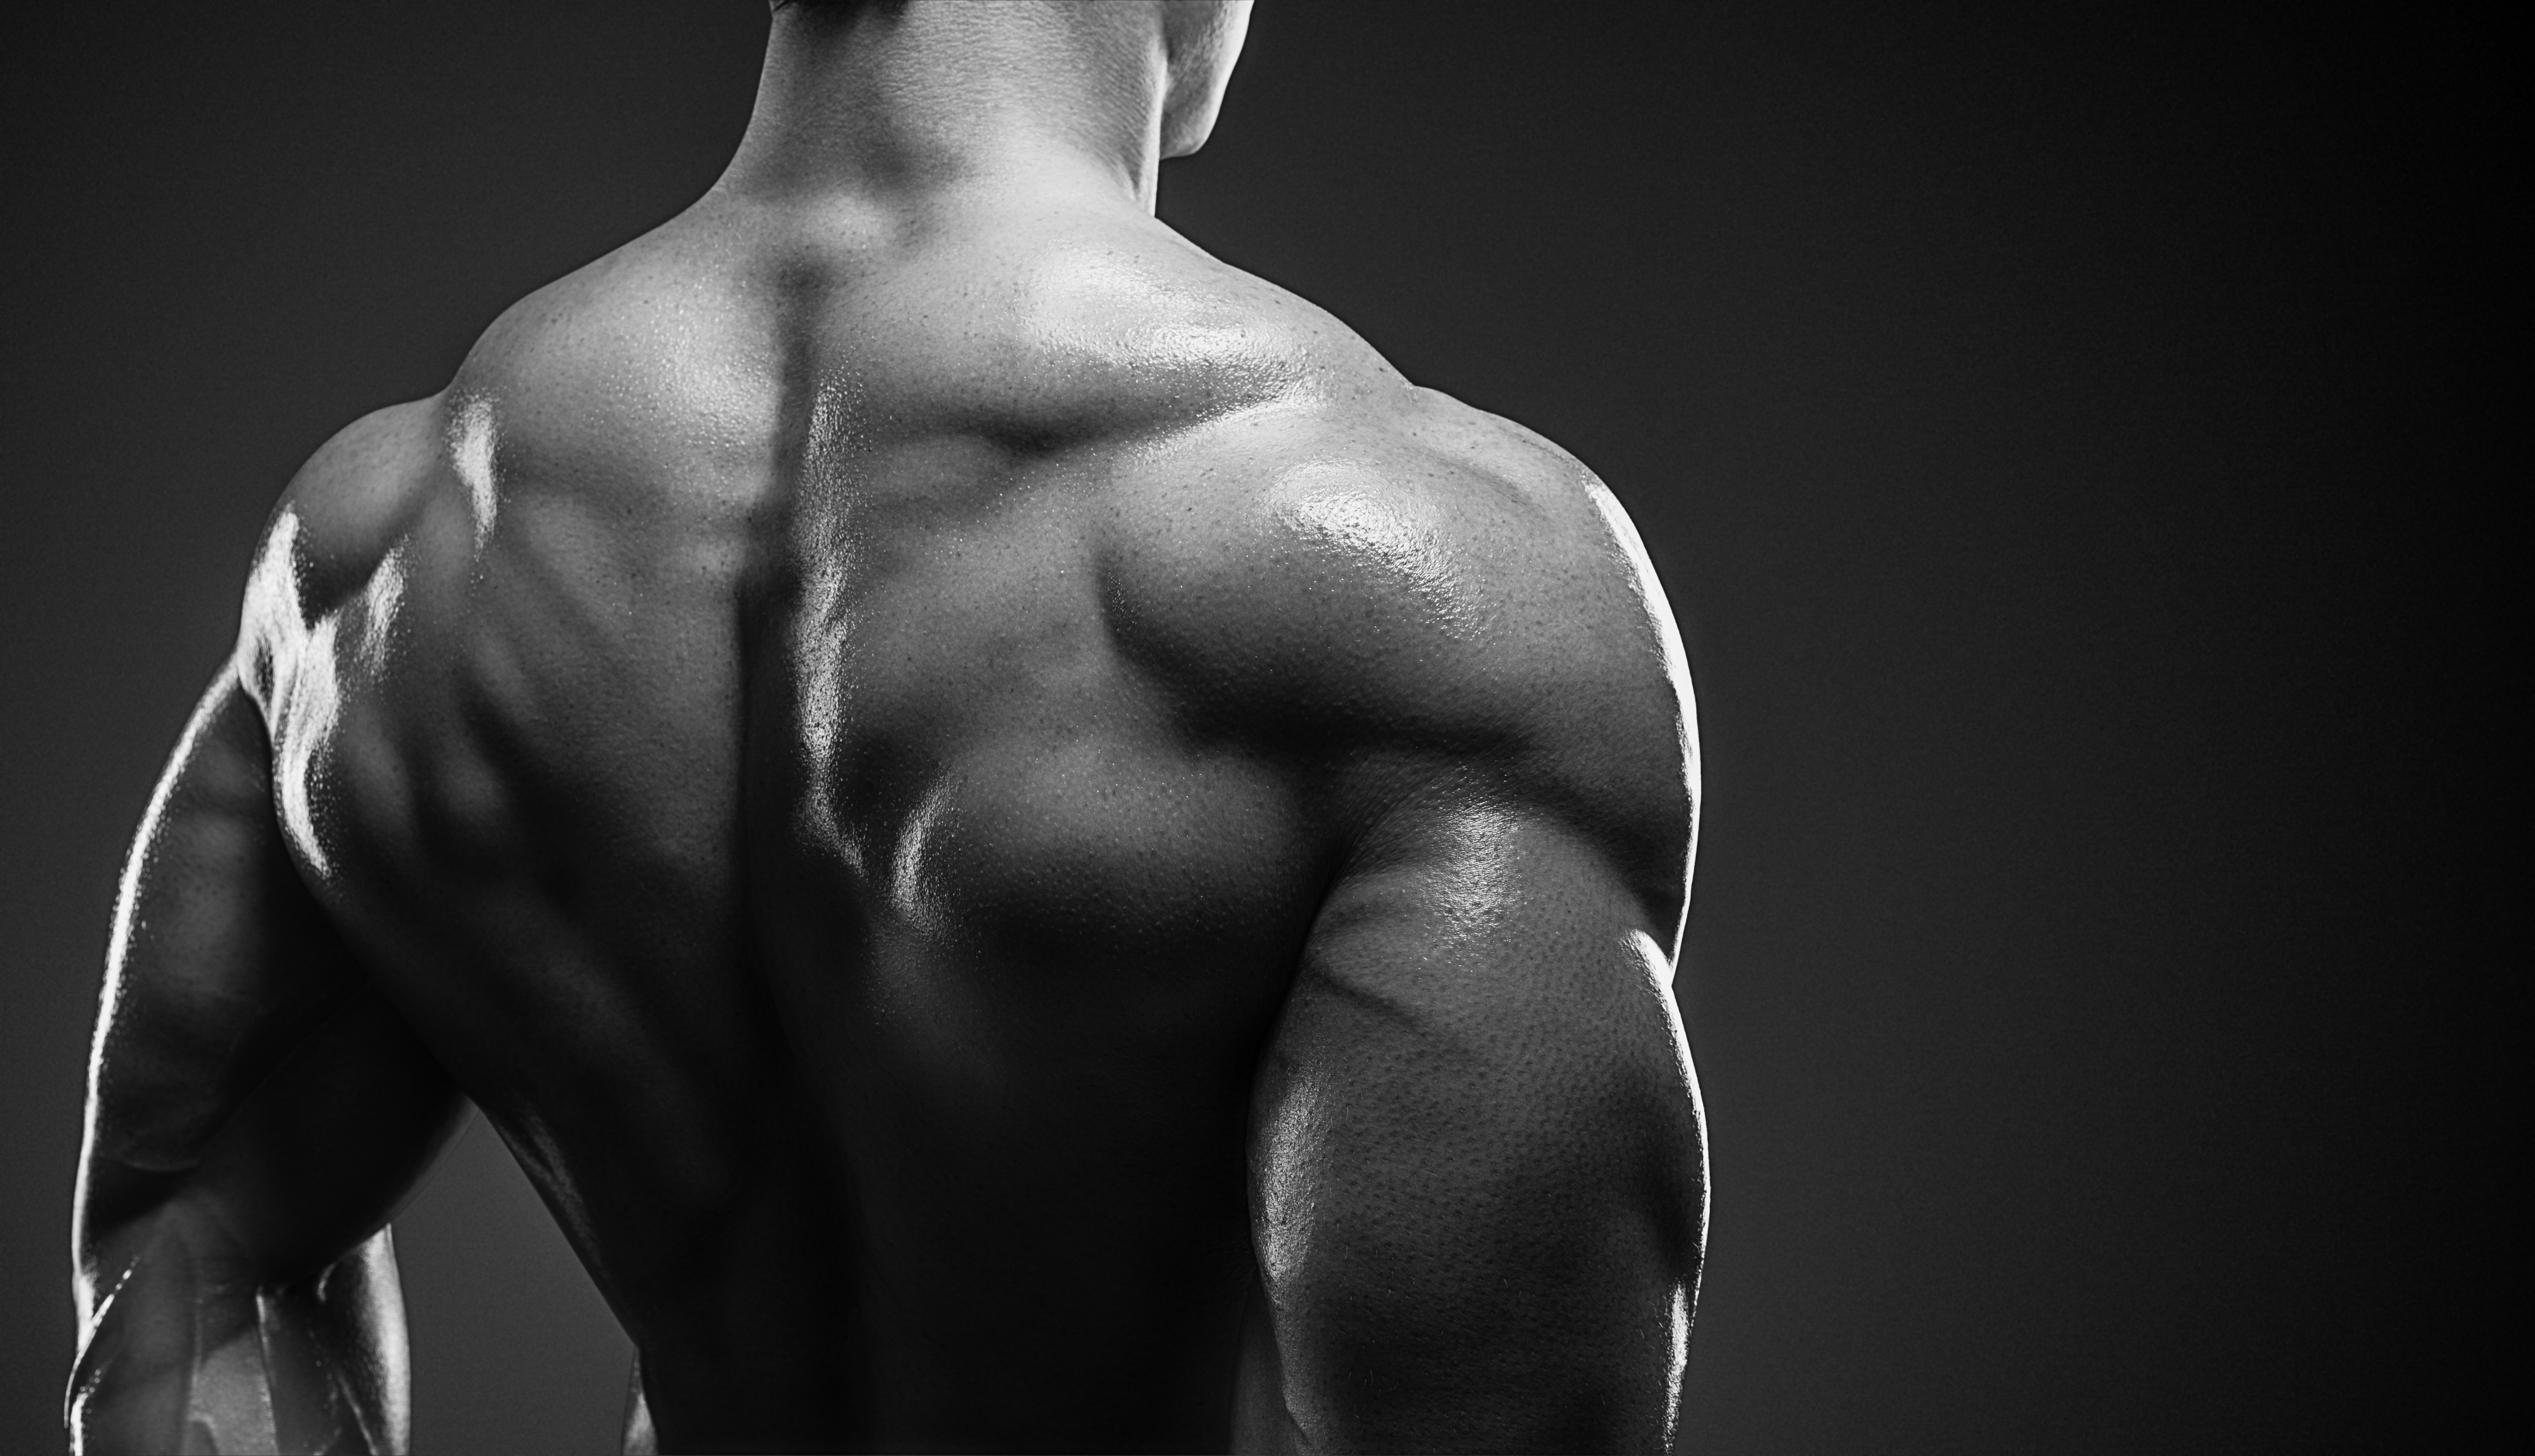 筋肉質な背中